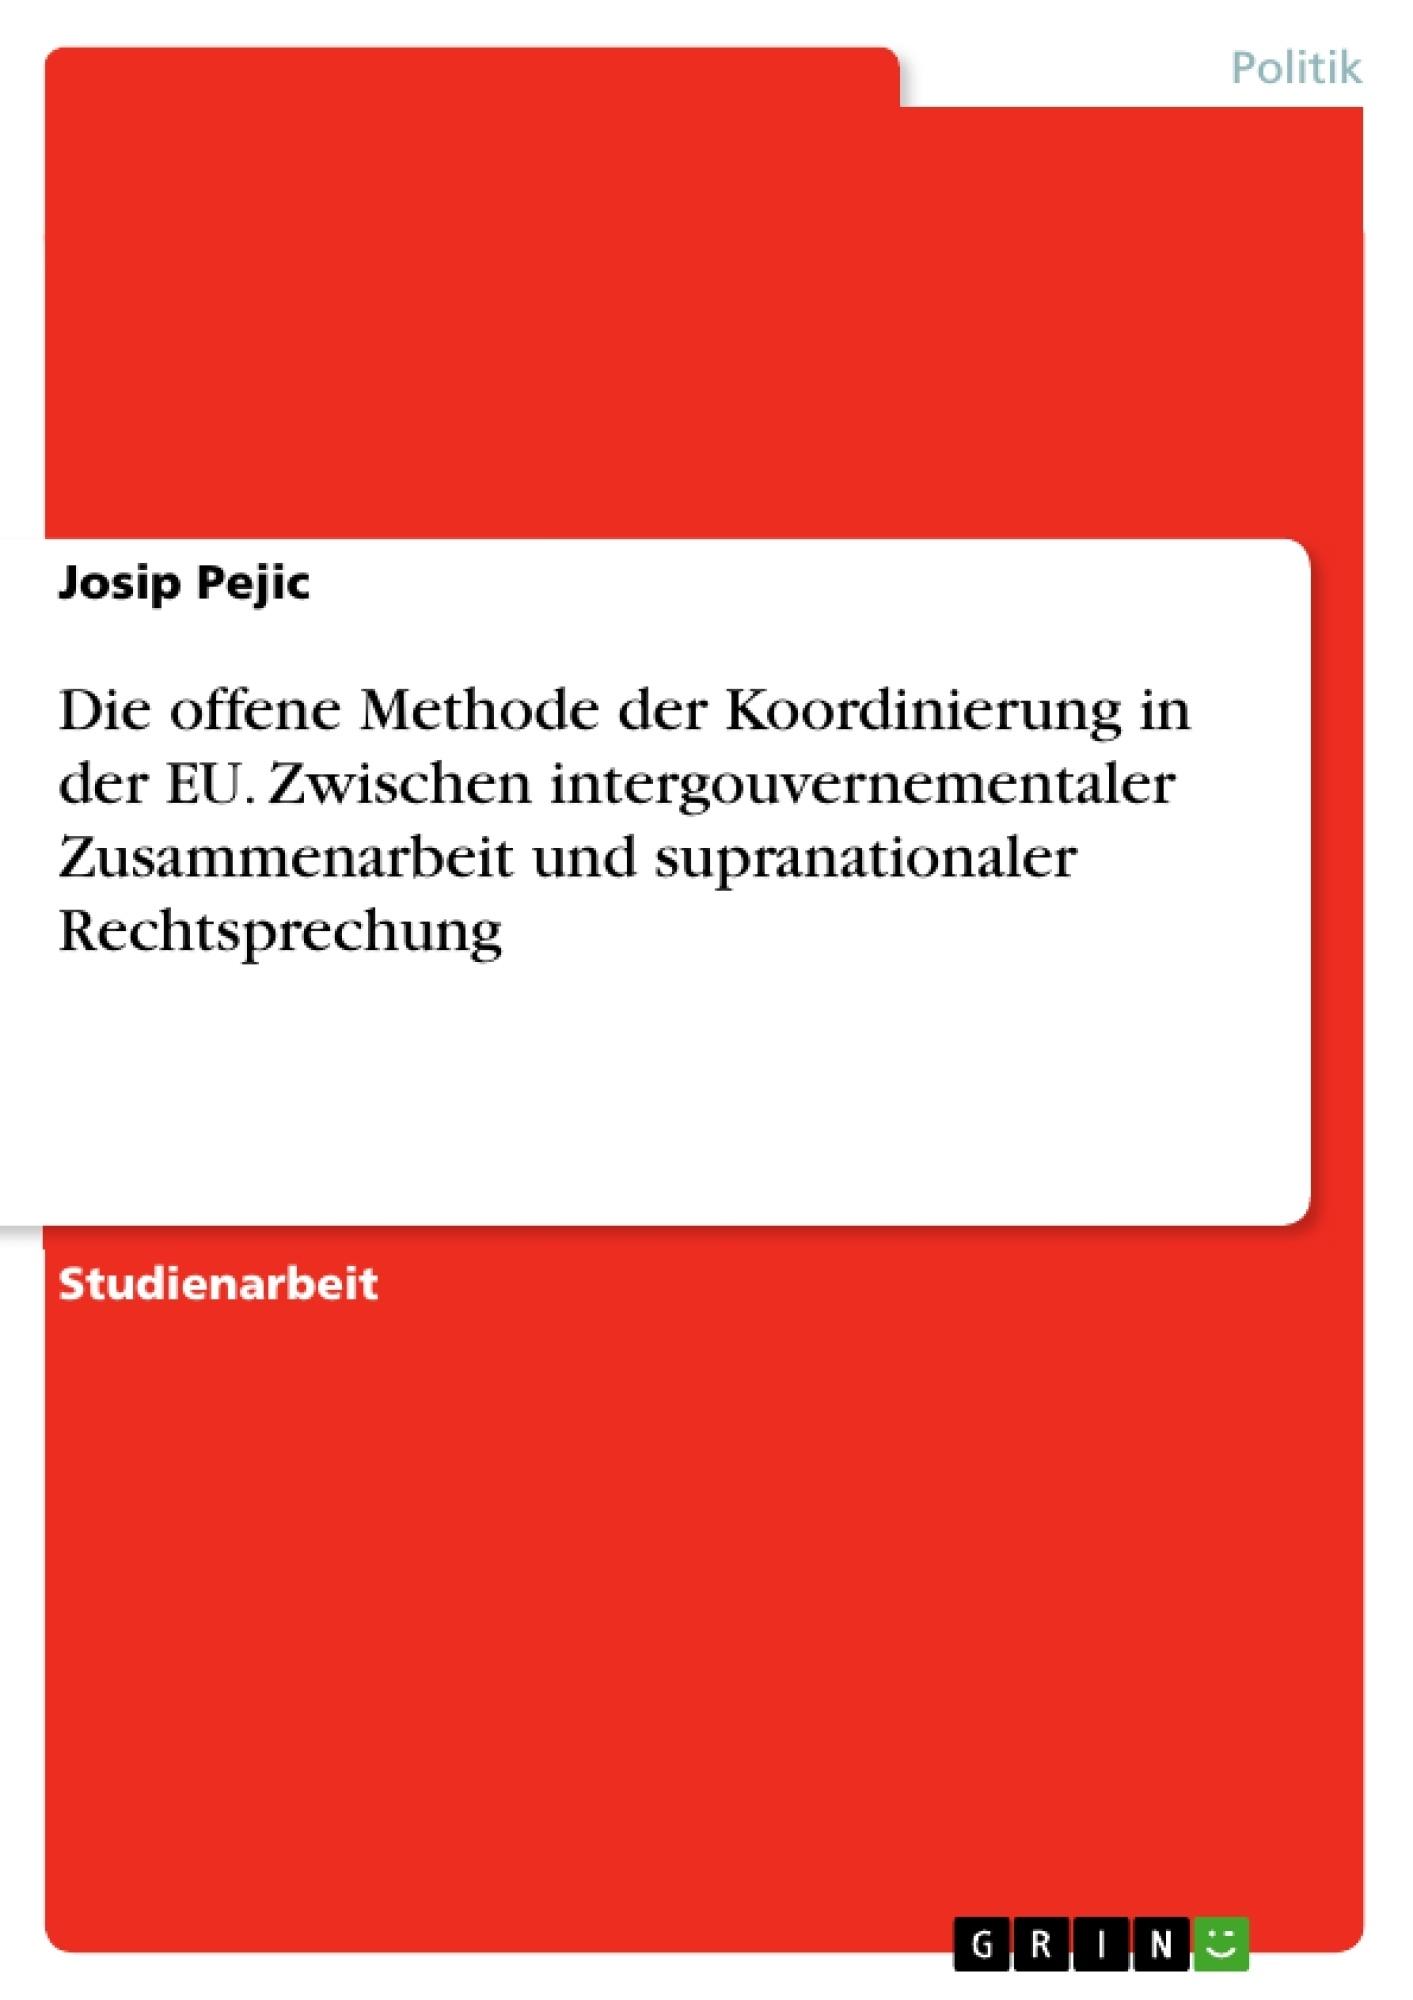 Titel: Die offene Methode der Koordinierung in der EU. Zwischen intergouvernementaler Zusammenarbeit und supranationaler Rechtsprechung